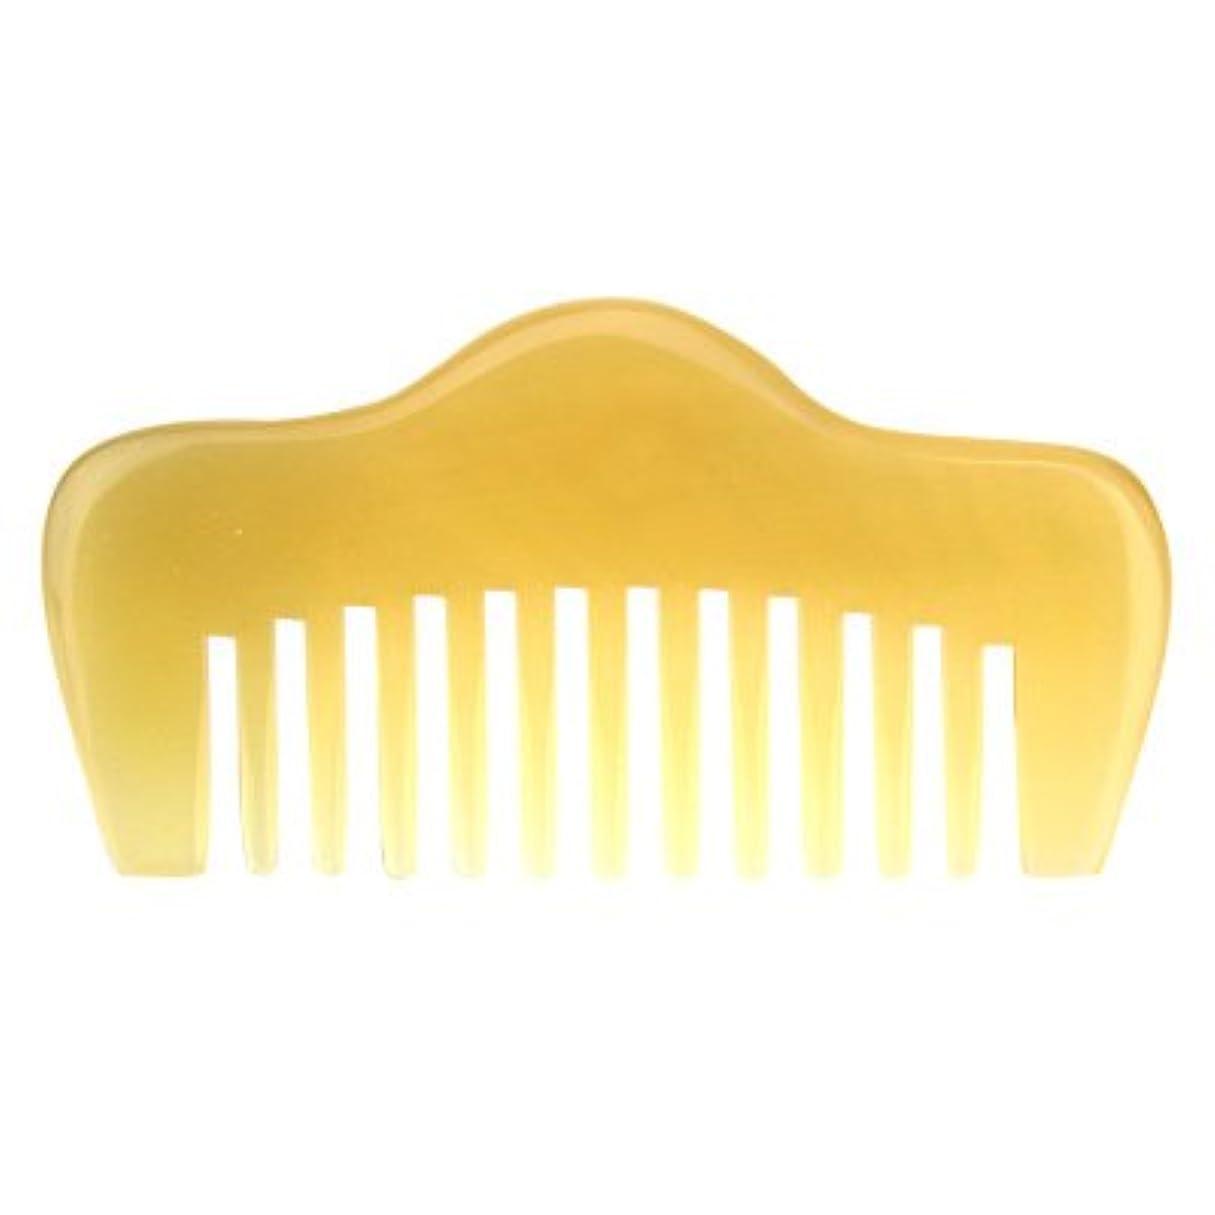 プロも使う羊角かっさプレート 羊櫛 高級 天然 静電気 防止 美髪 粗歯 櫛型 美顔 ボディ リンパマッサージ